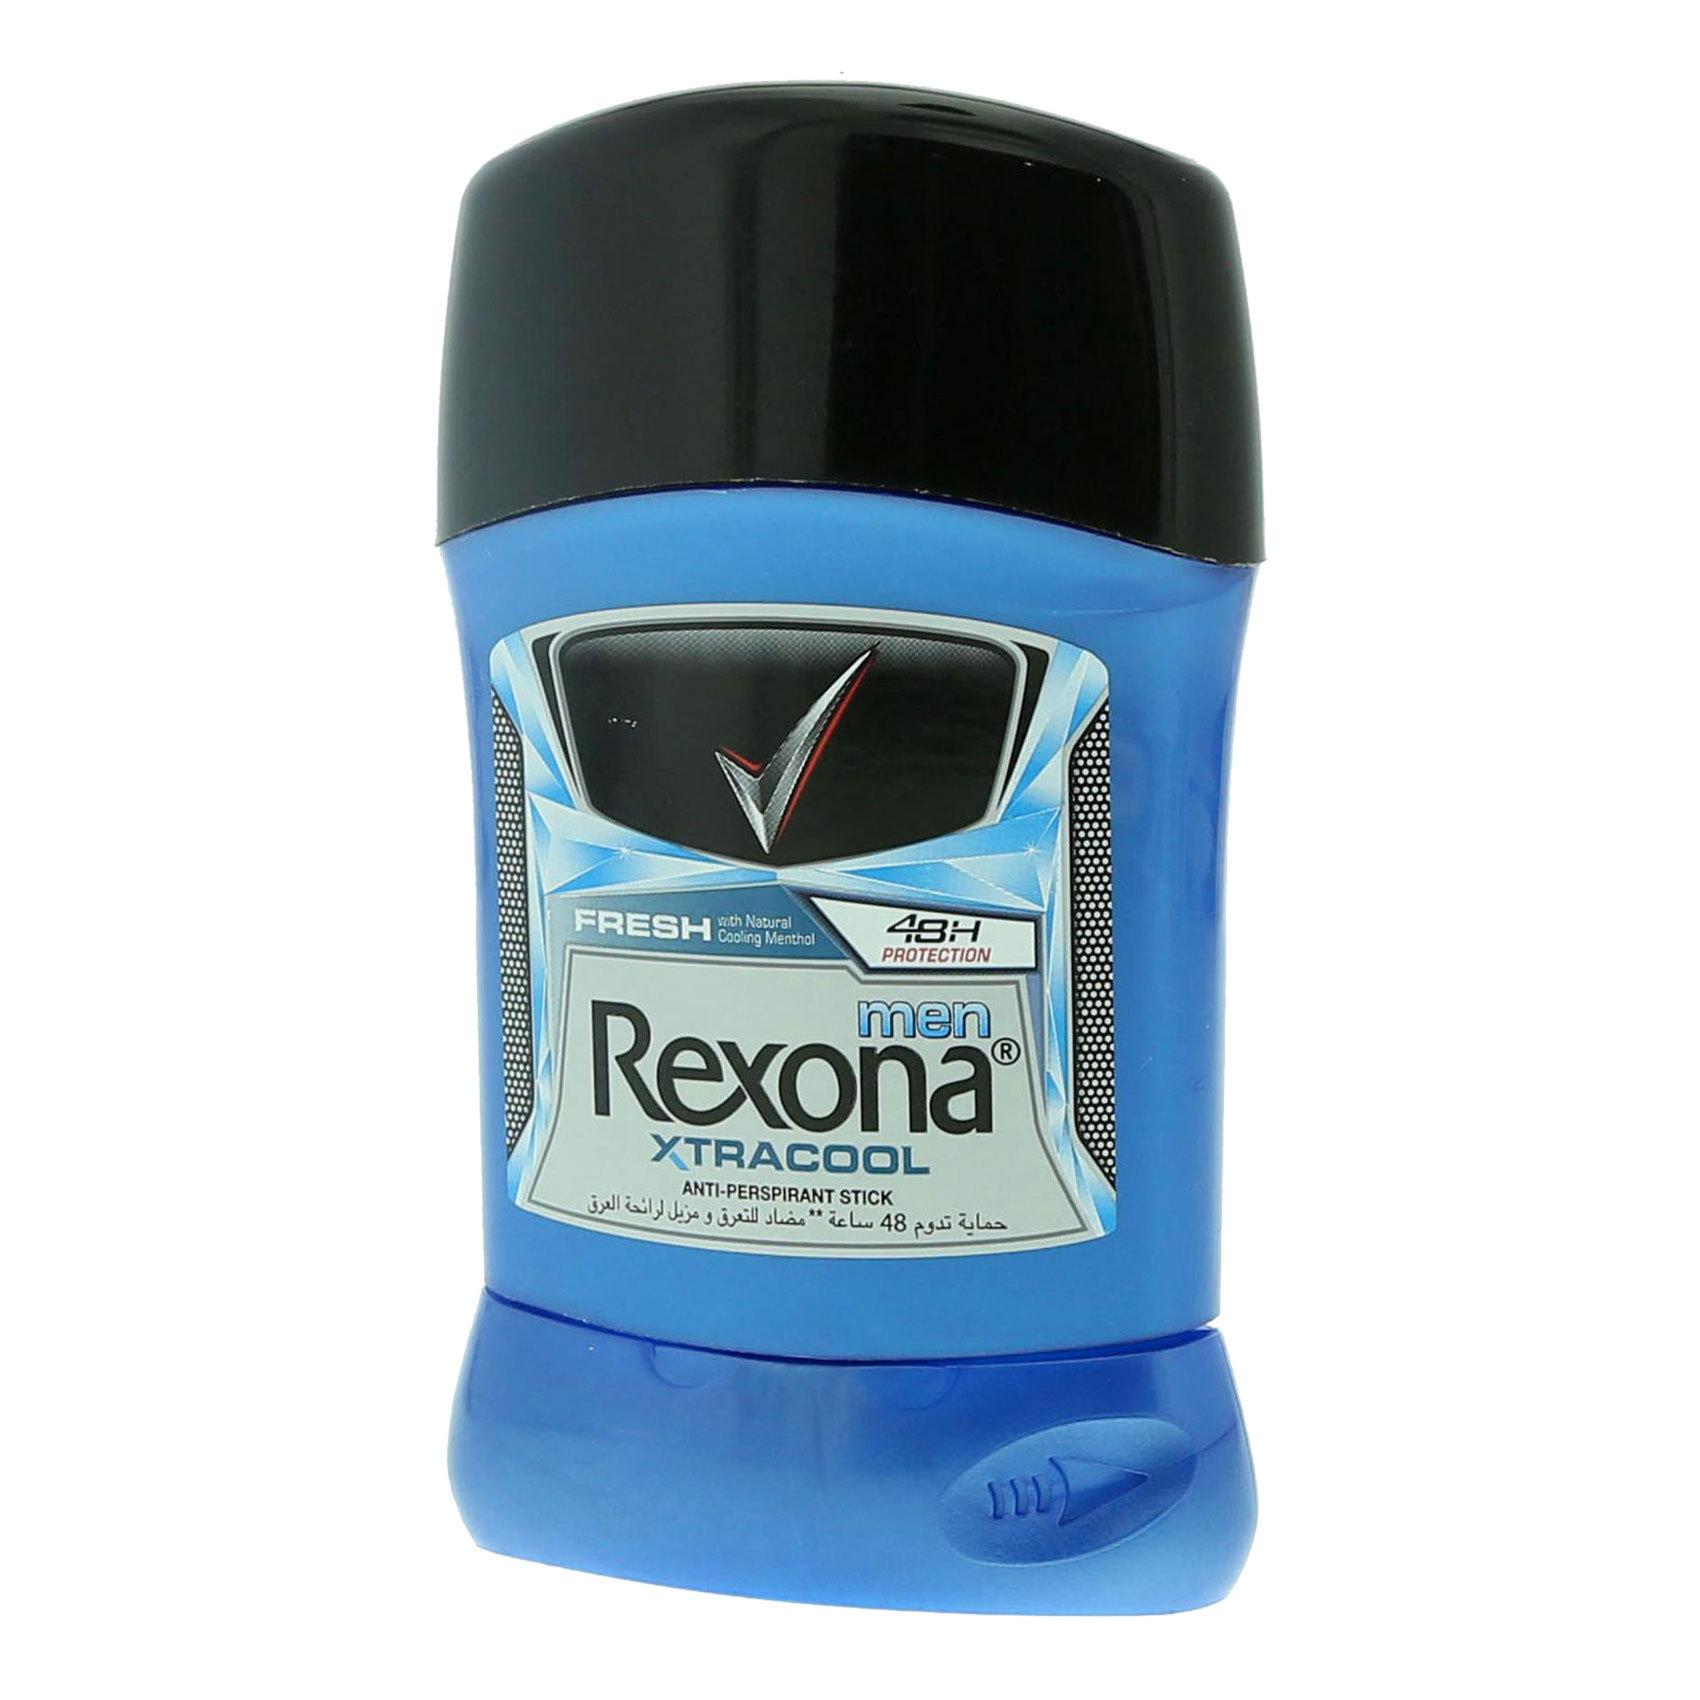 REXONA MEN STICK XTRA COOL 40G